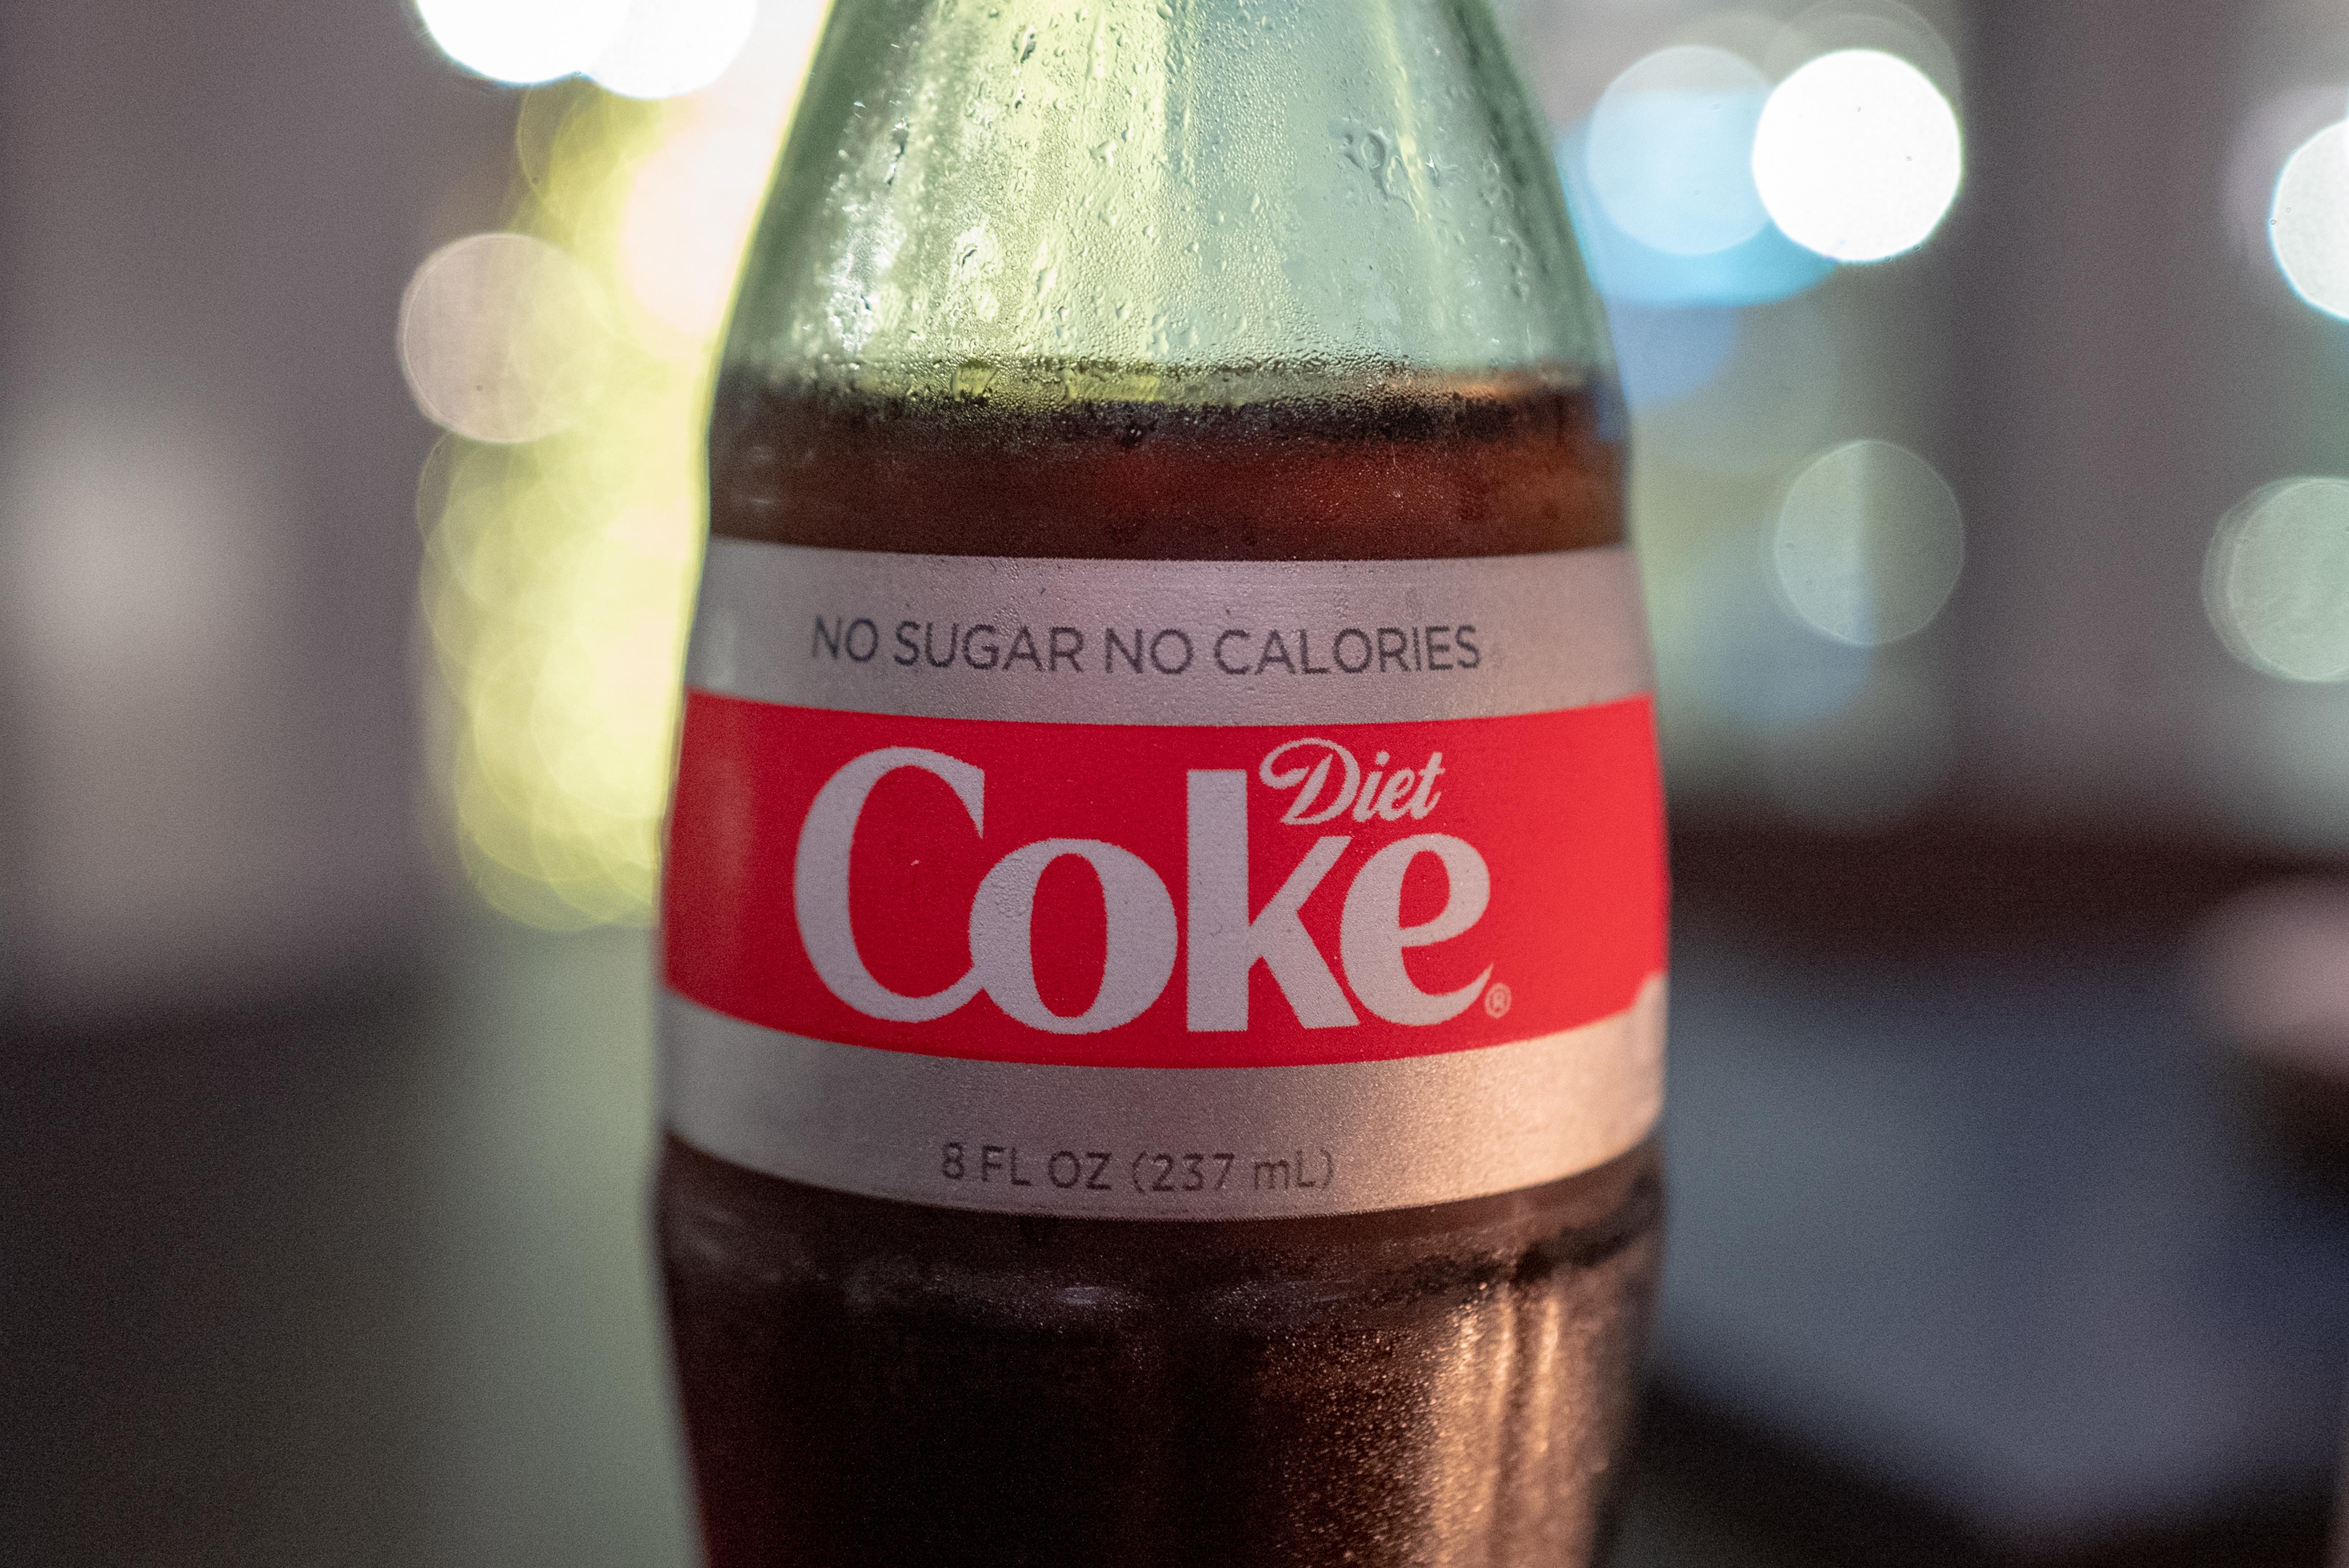 2018 DIET COKE NEW DESIGN NO SUGAR NO CALORIES 8 OUNCE GLASS DIET COKE BOTTLE